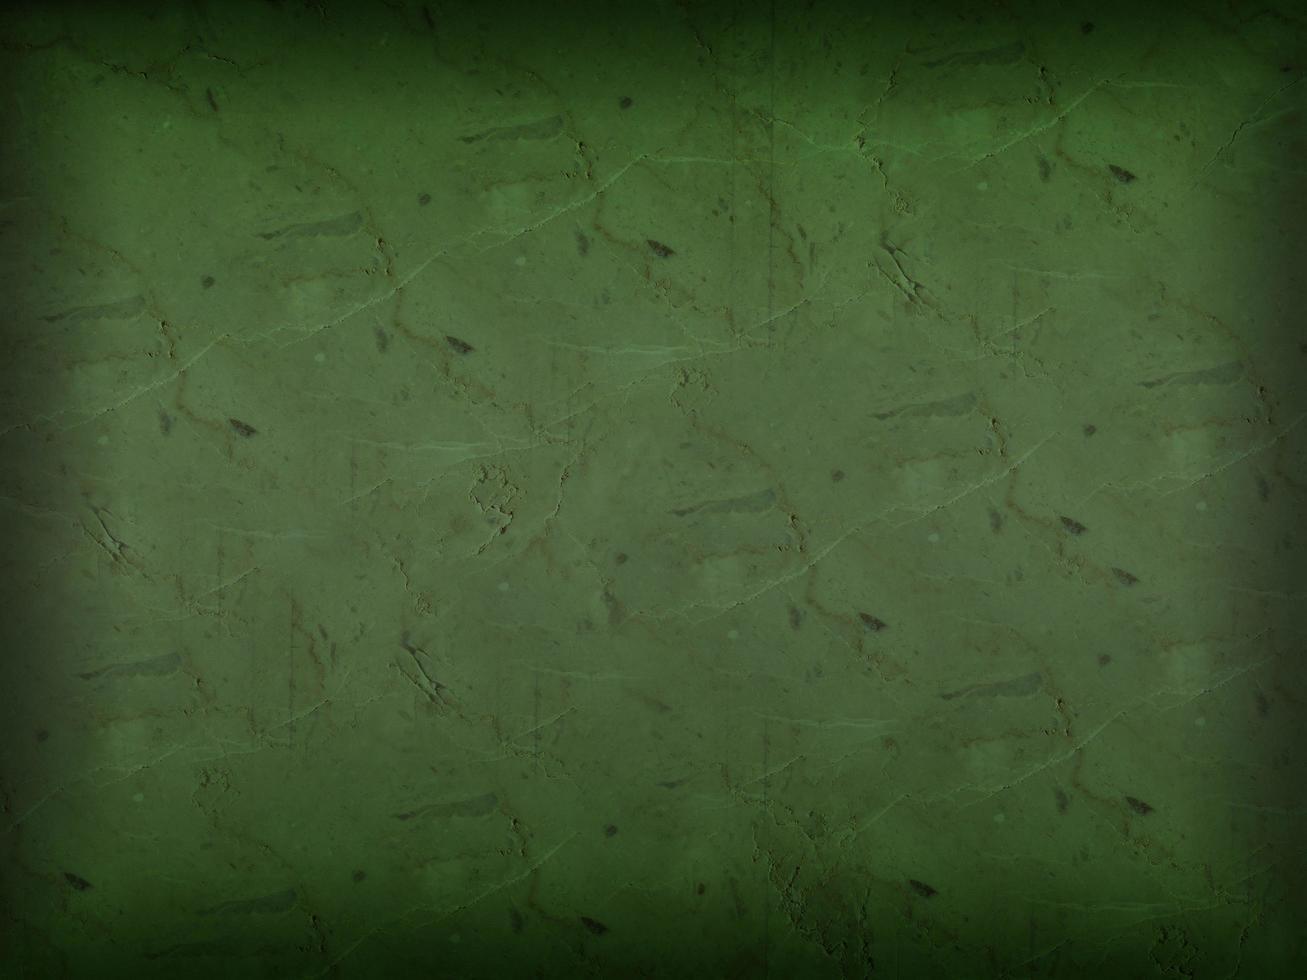 panneau de marbre vert pour le fond ou la texture photo